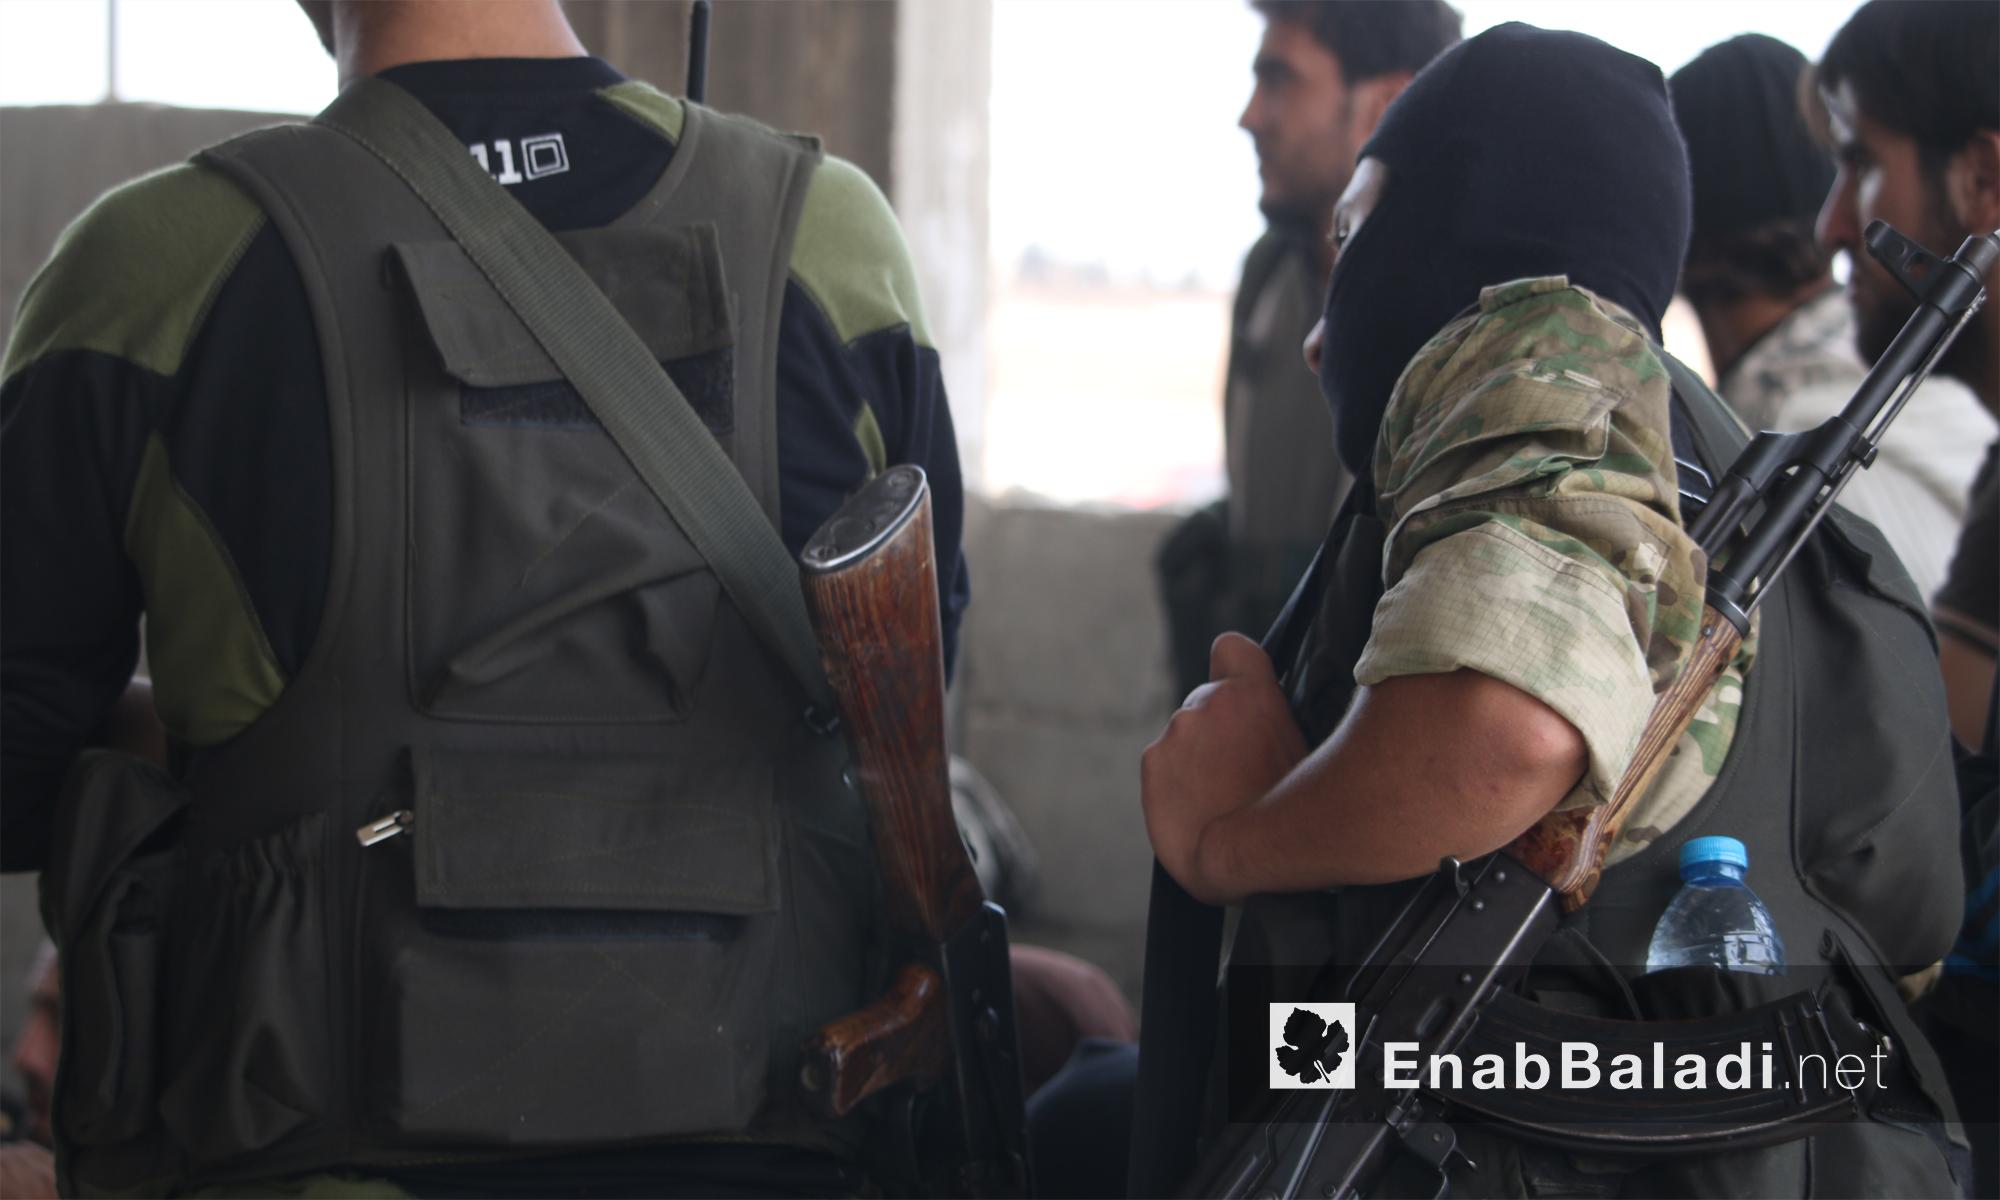 مقاتلون من جيش الفتح يجهزون لمعارك فك الحصار عن حلب- 28 تشرين الاول (عنب بلدي)